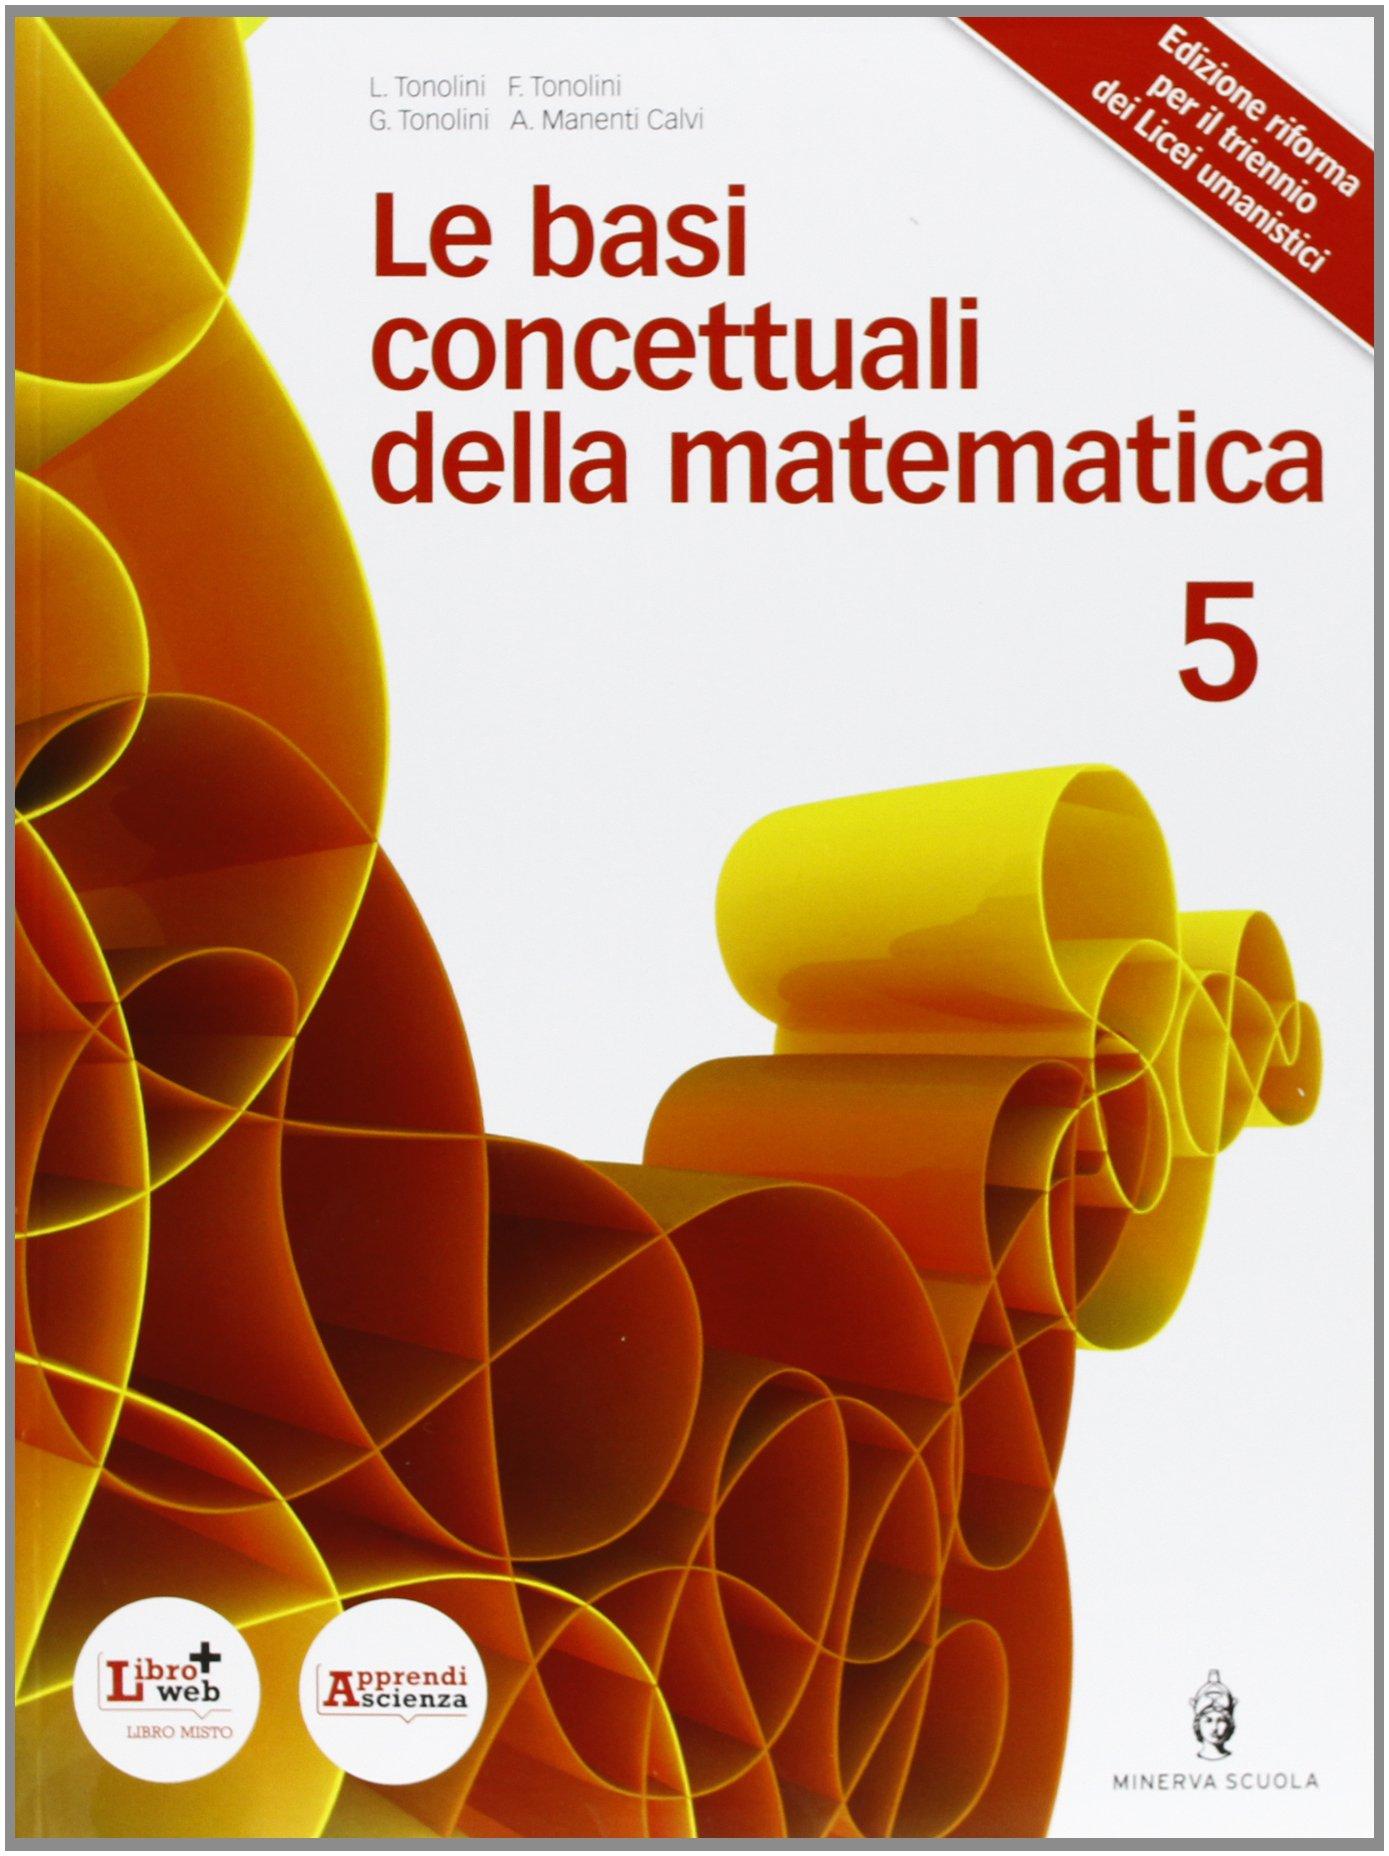 Le basi concettuali della matematica vol.3